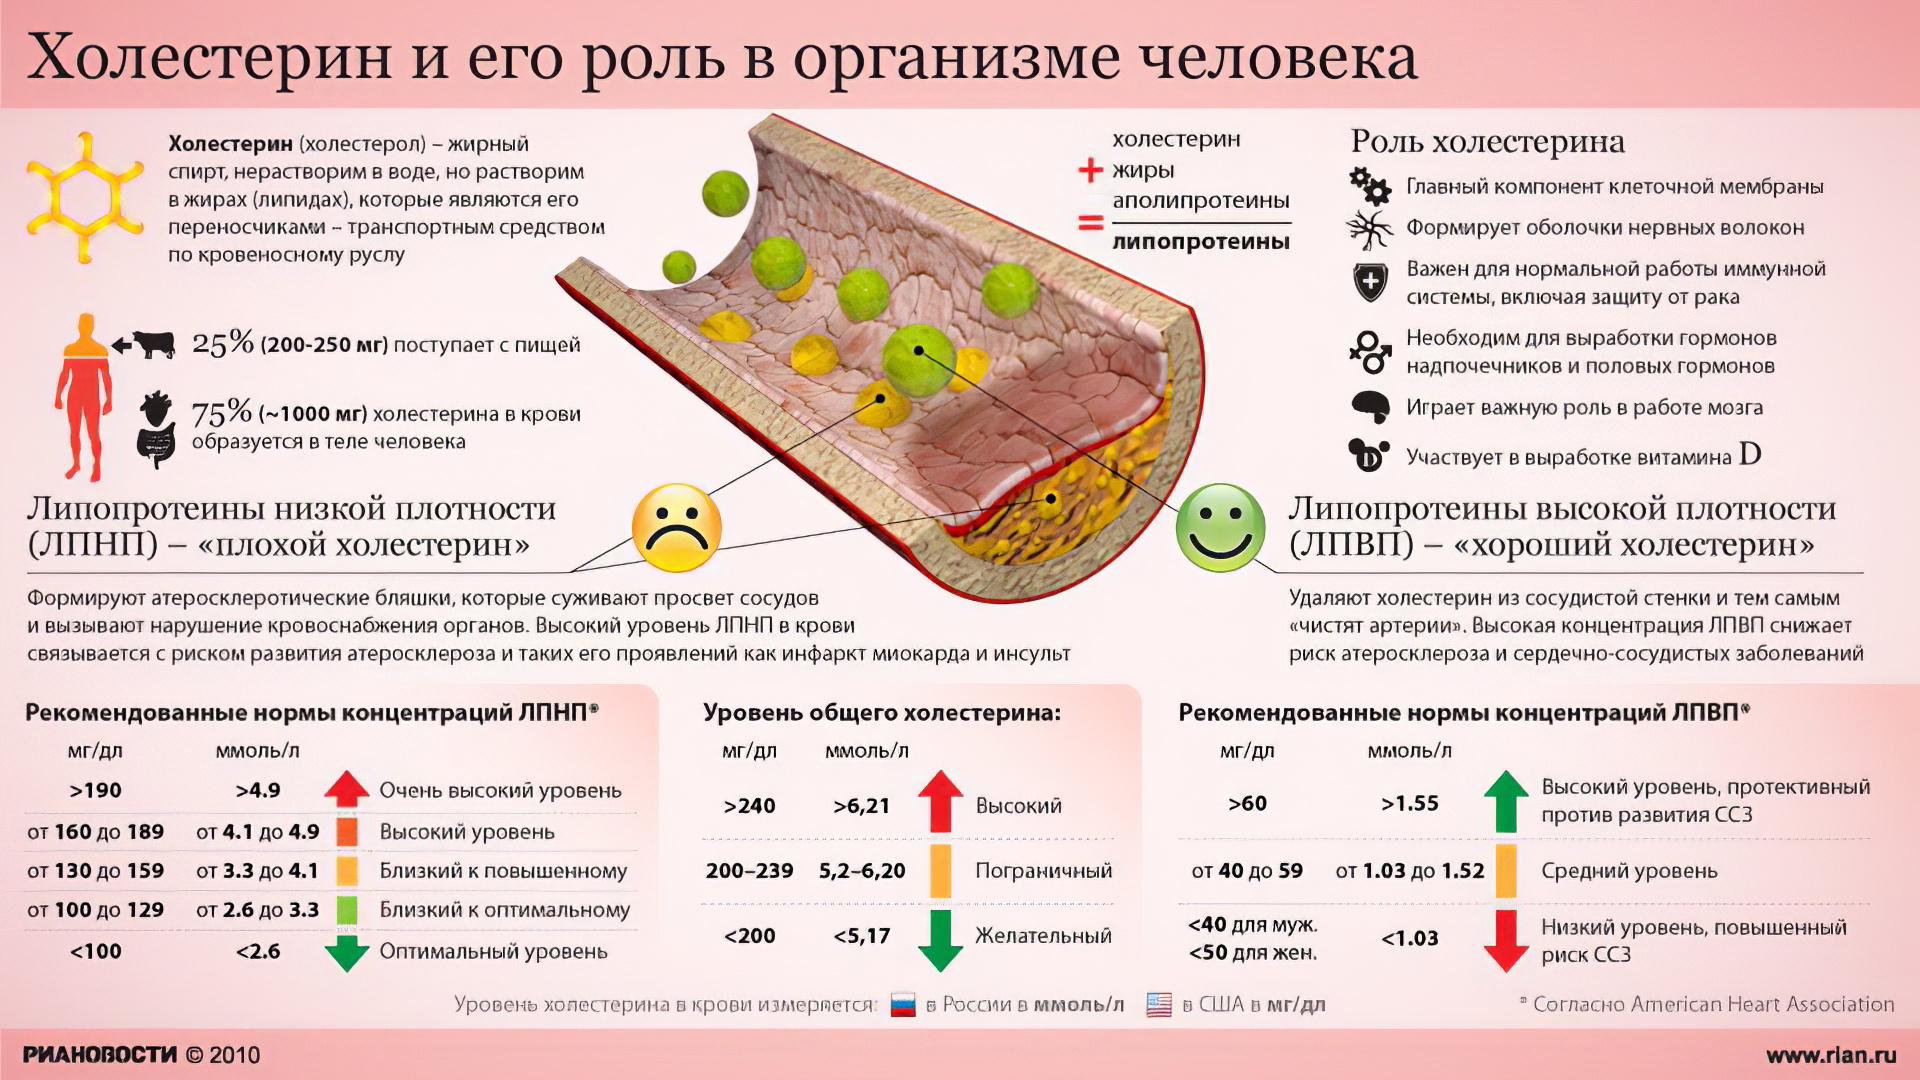 Анализ крови на плохой и хороший холестерин водительская медицинская справка по форме 83/у-89 в городе тосно